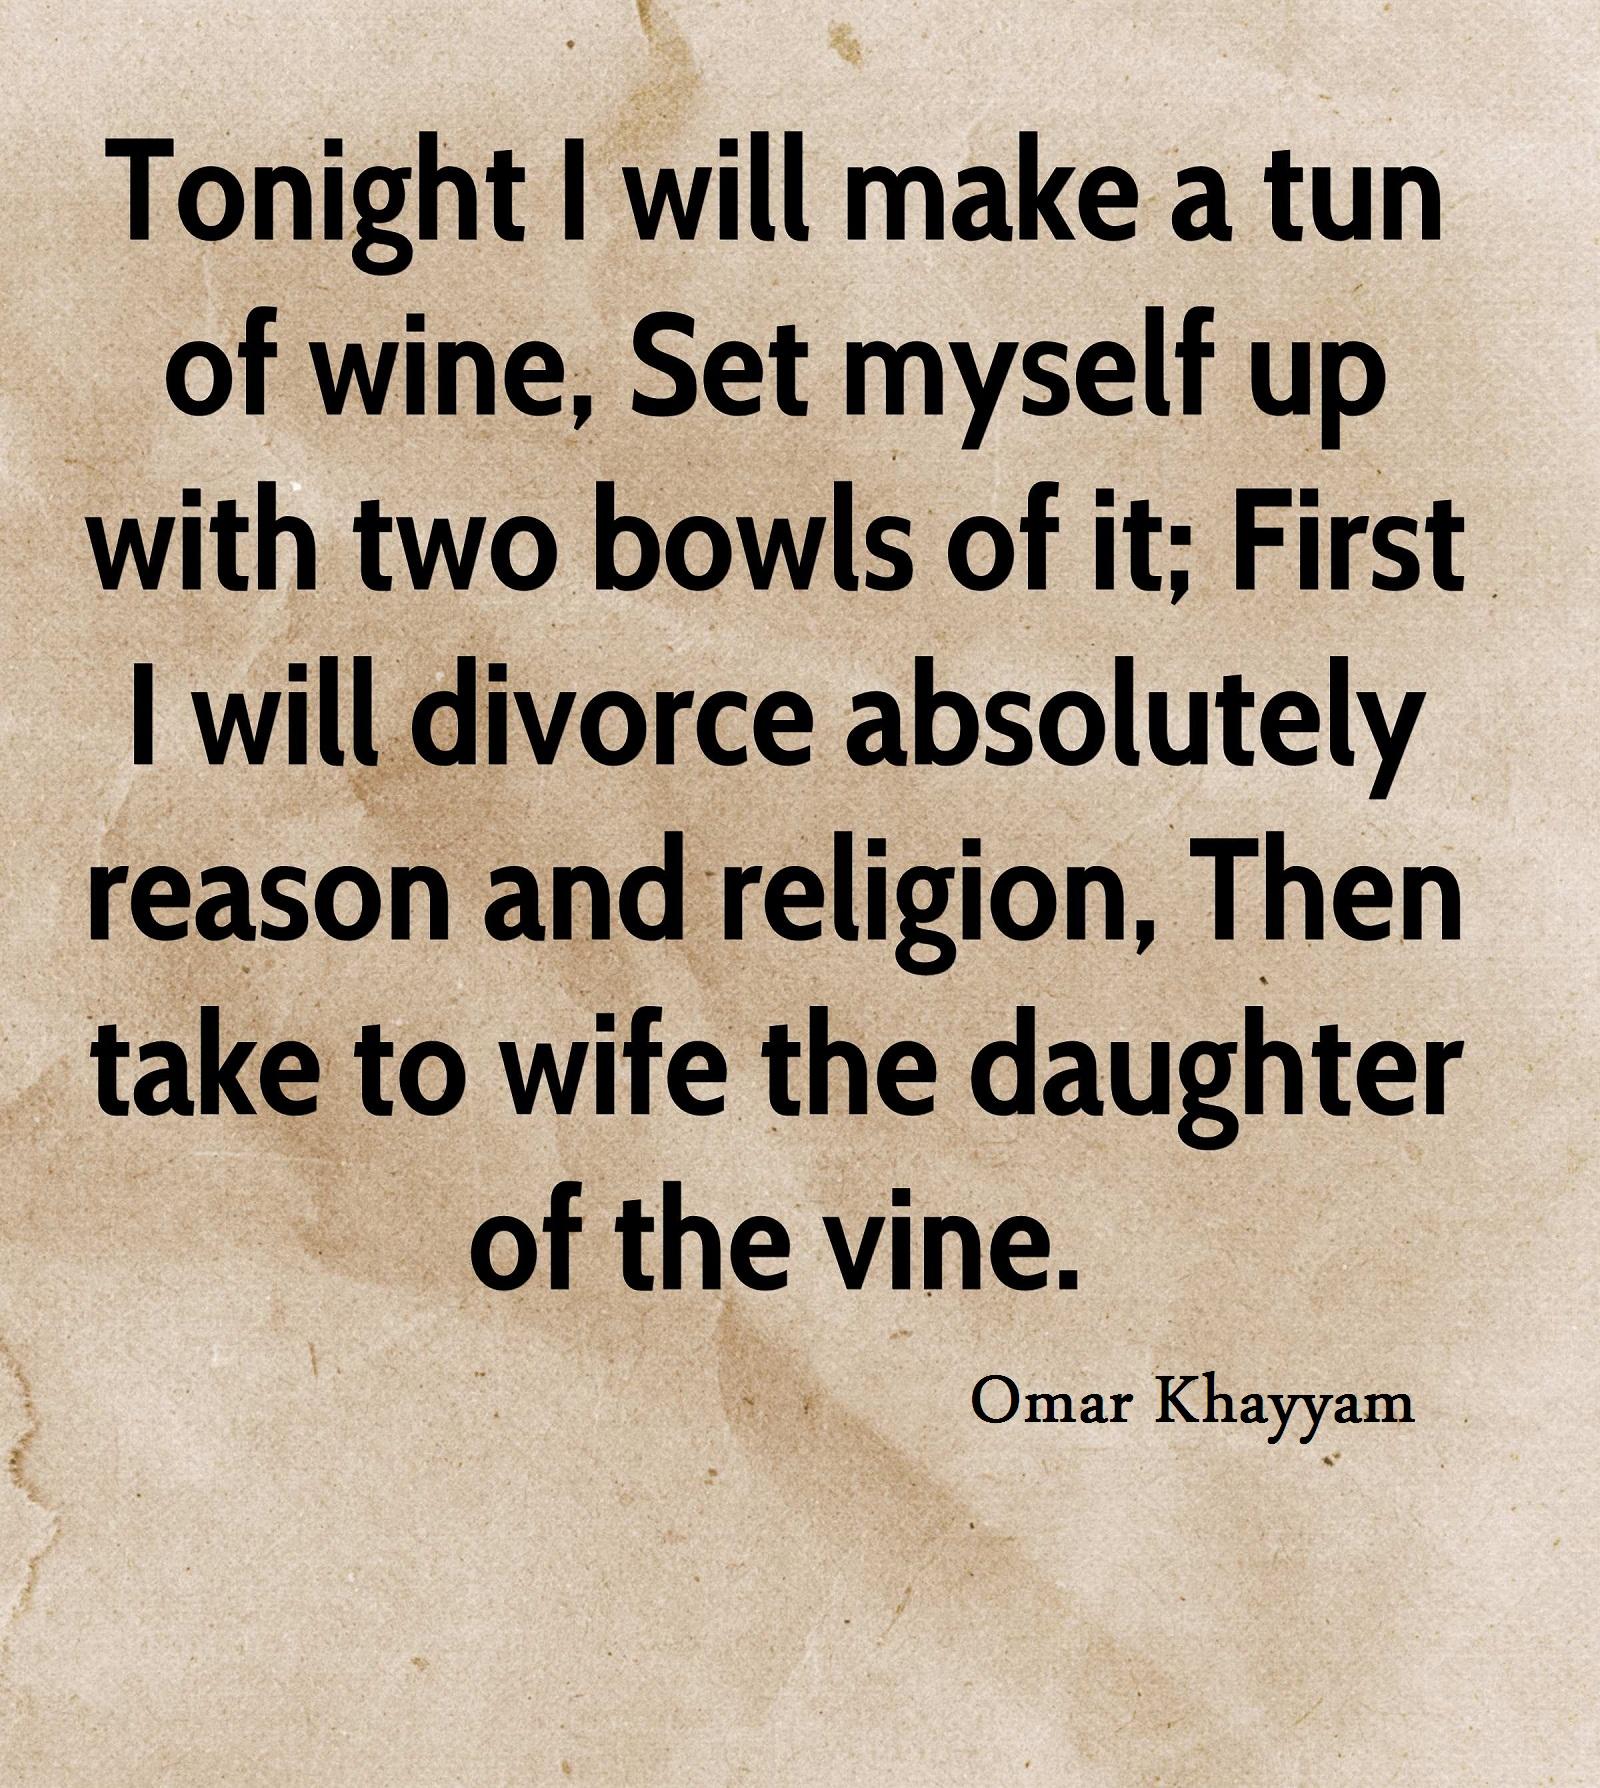 Tonight I Will Make A Tun Of Wine By Omar Khayyam